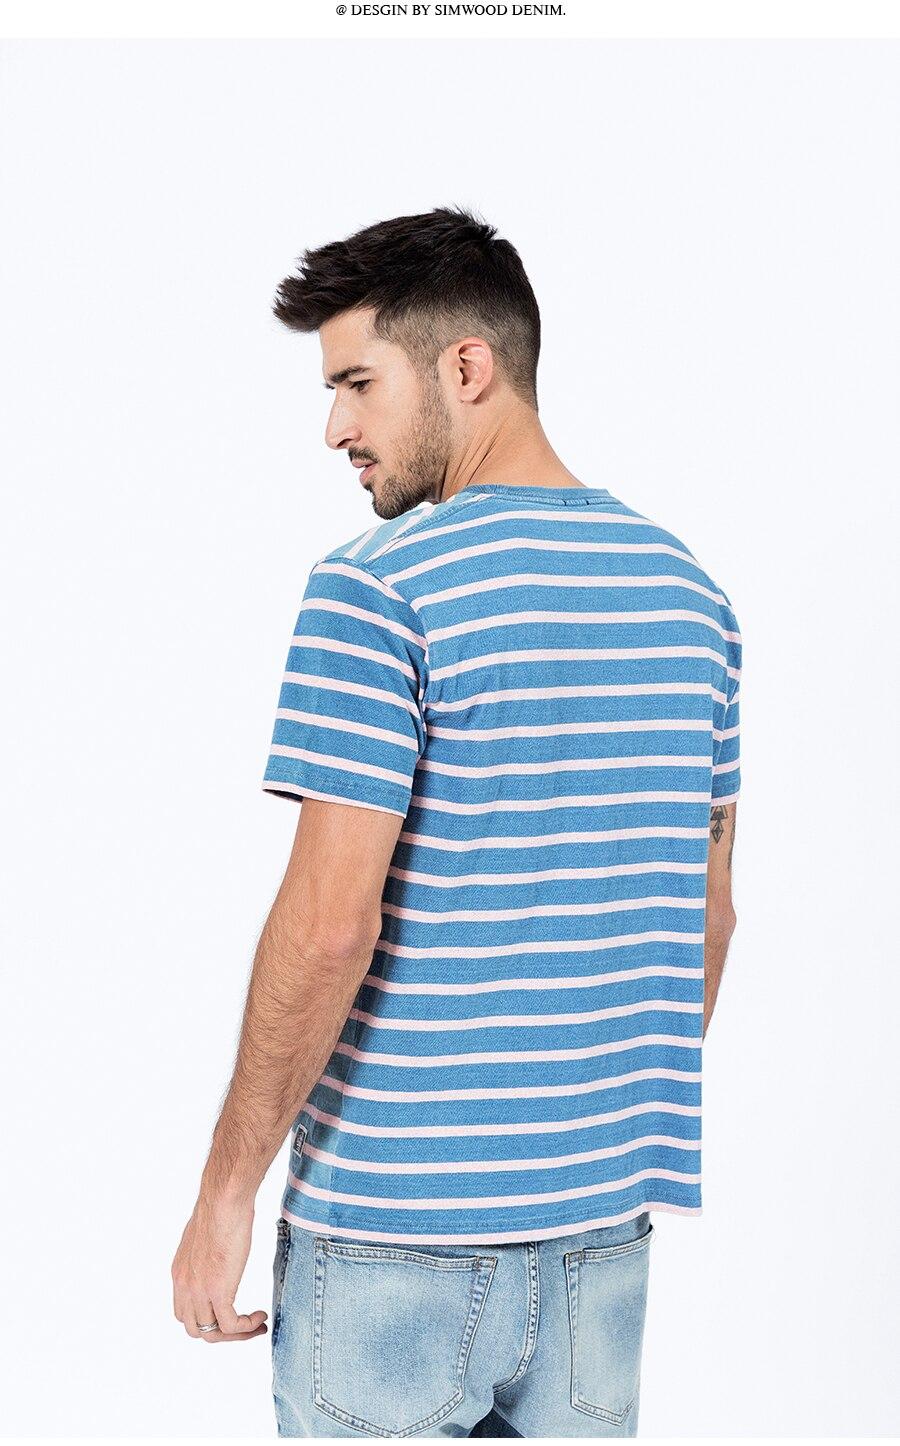 Simwood 2020 verão novo indigo lavados t-shirts